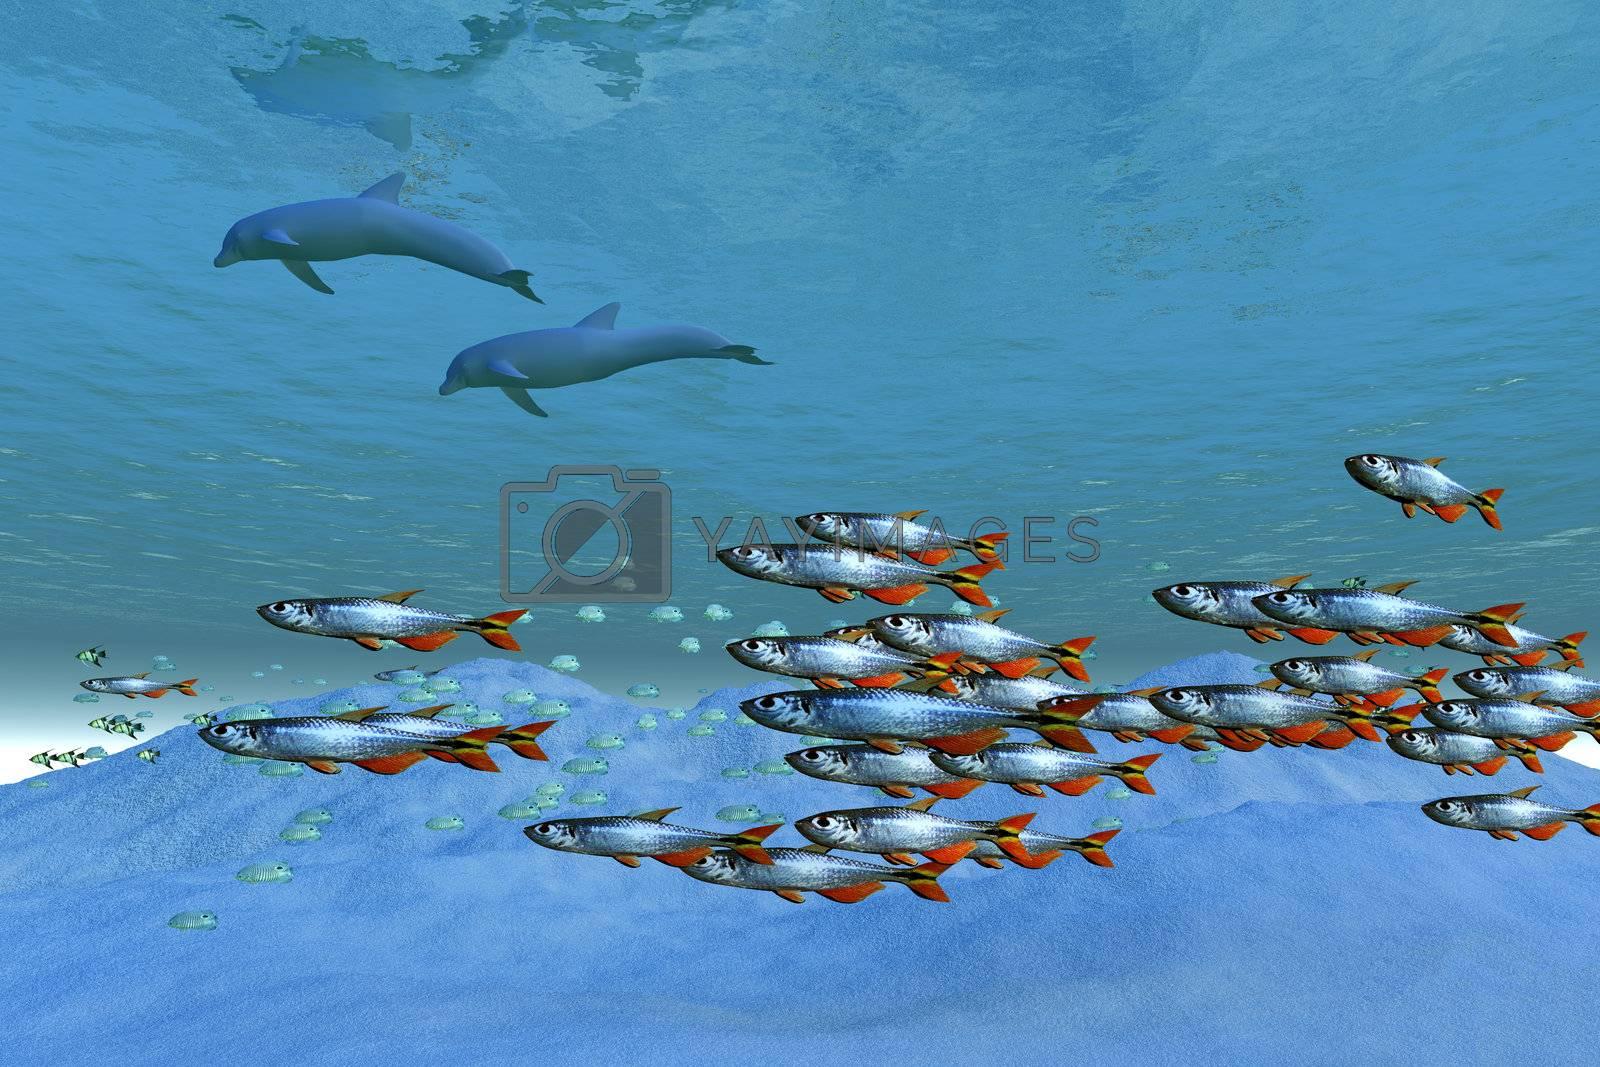 Schools of fish swim in the blue ocean.